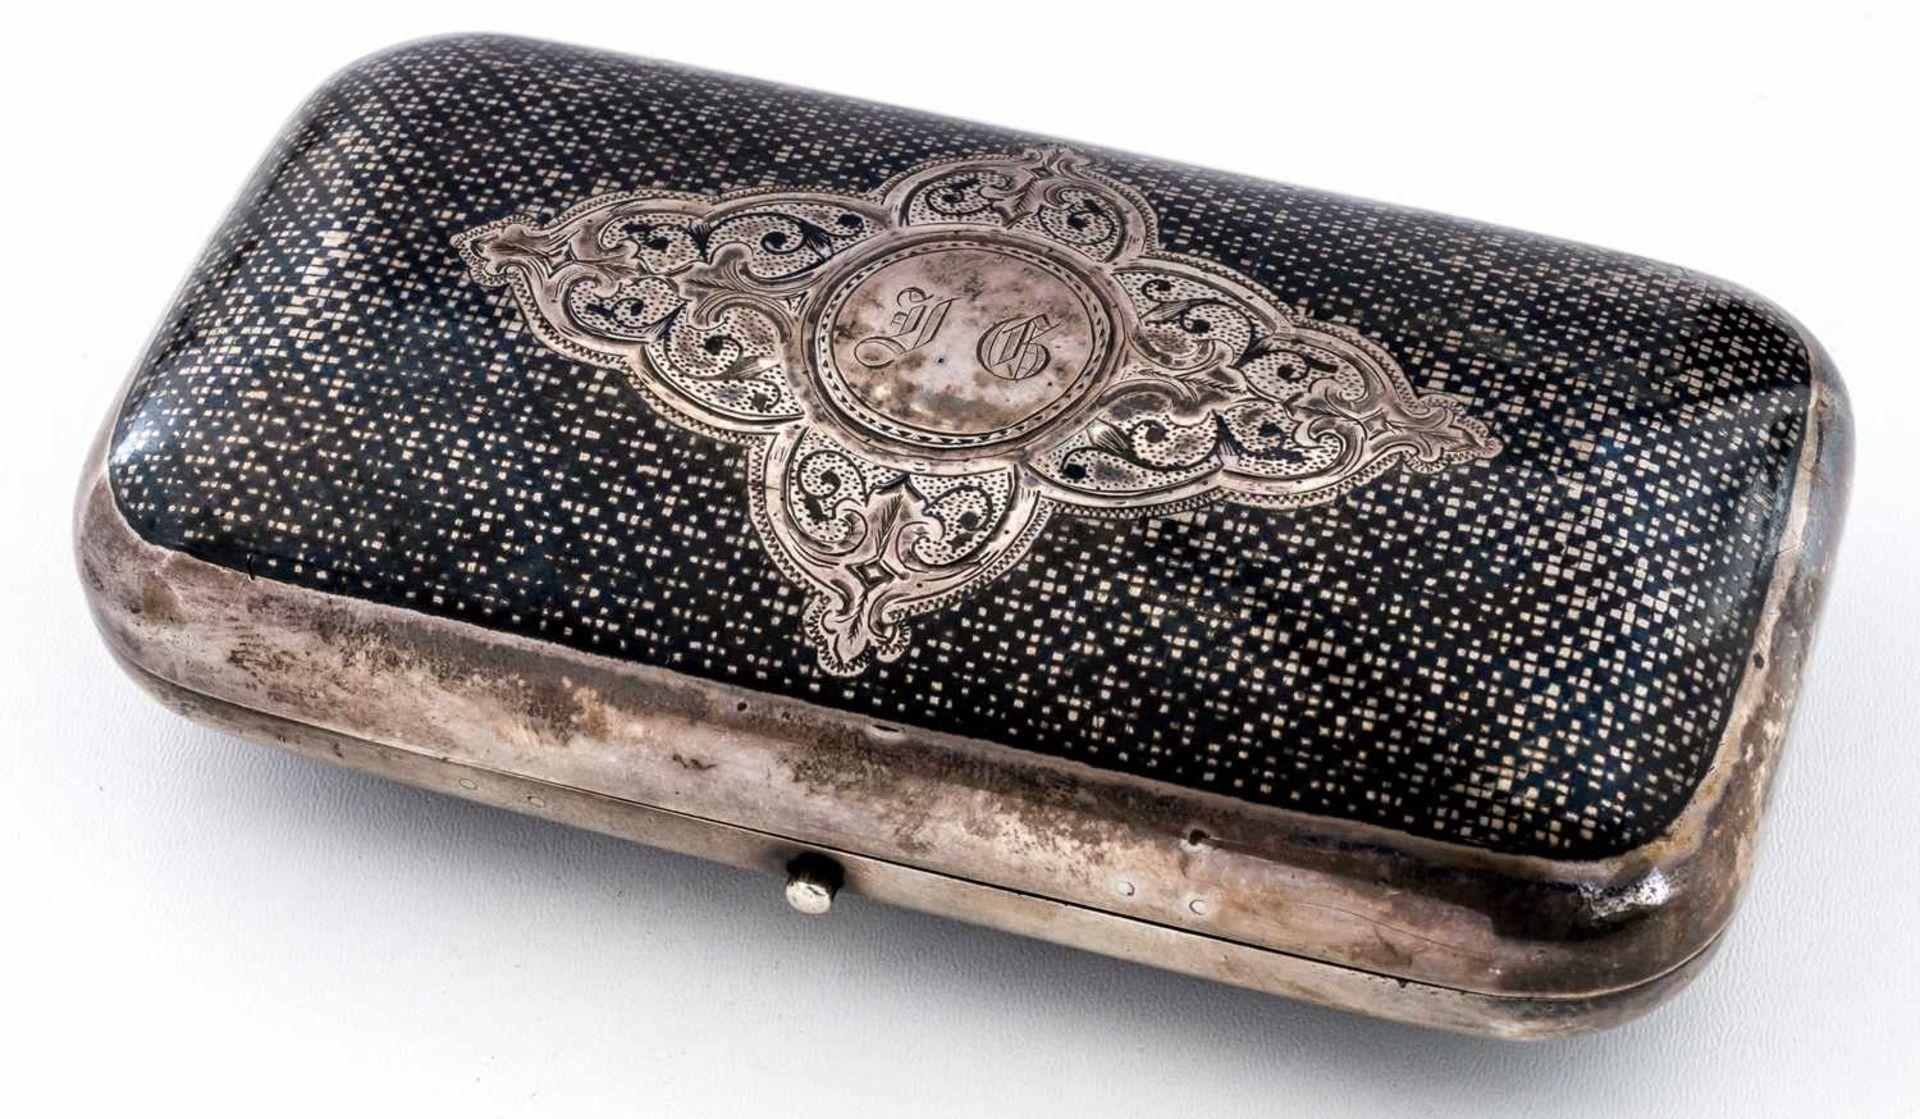 Zigarrendose mit Niellodekor Russland, Silber (194g), Moskau 1873 Beschaumeister: Viktor Savinkov